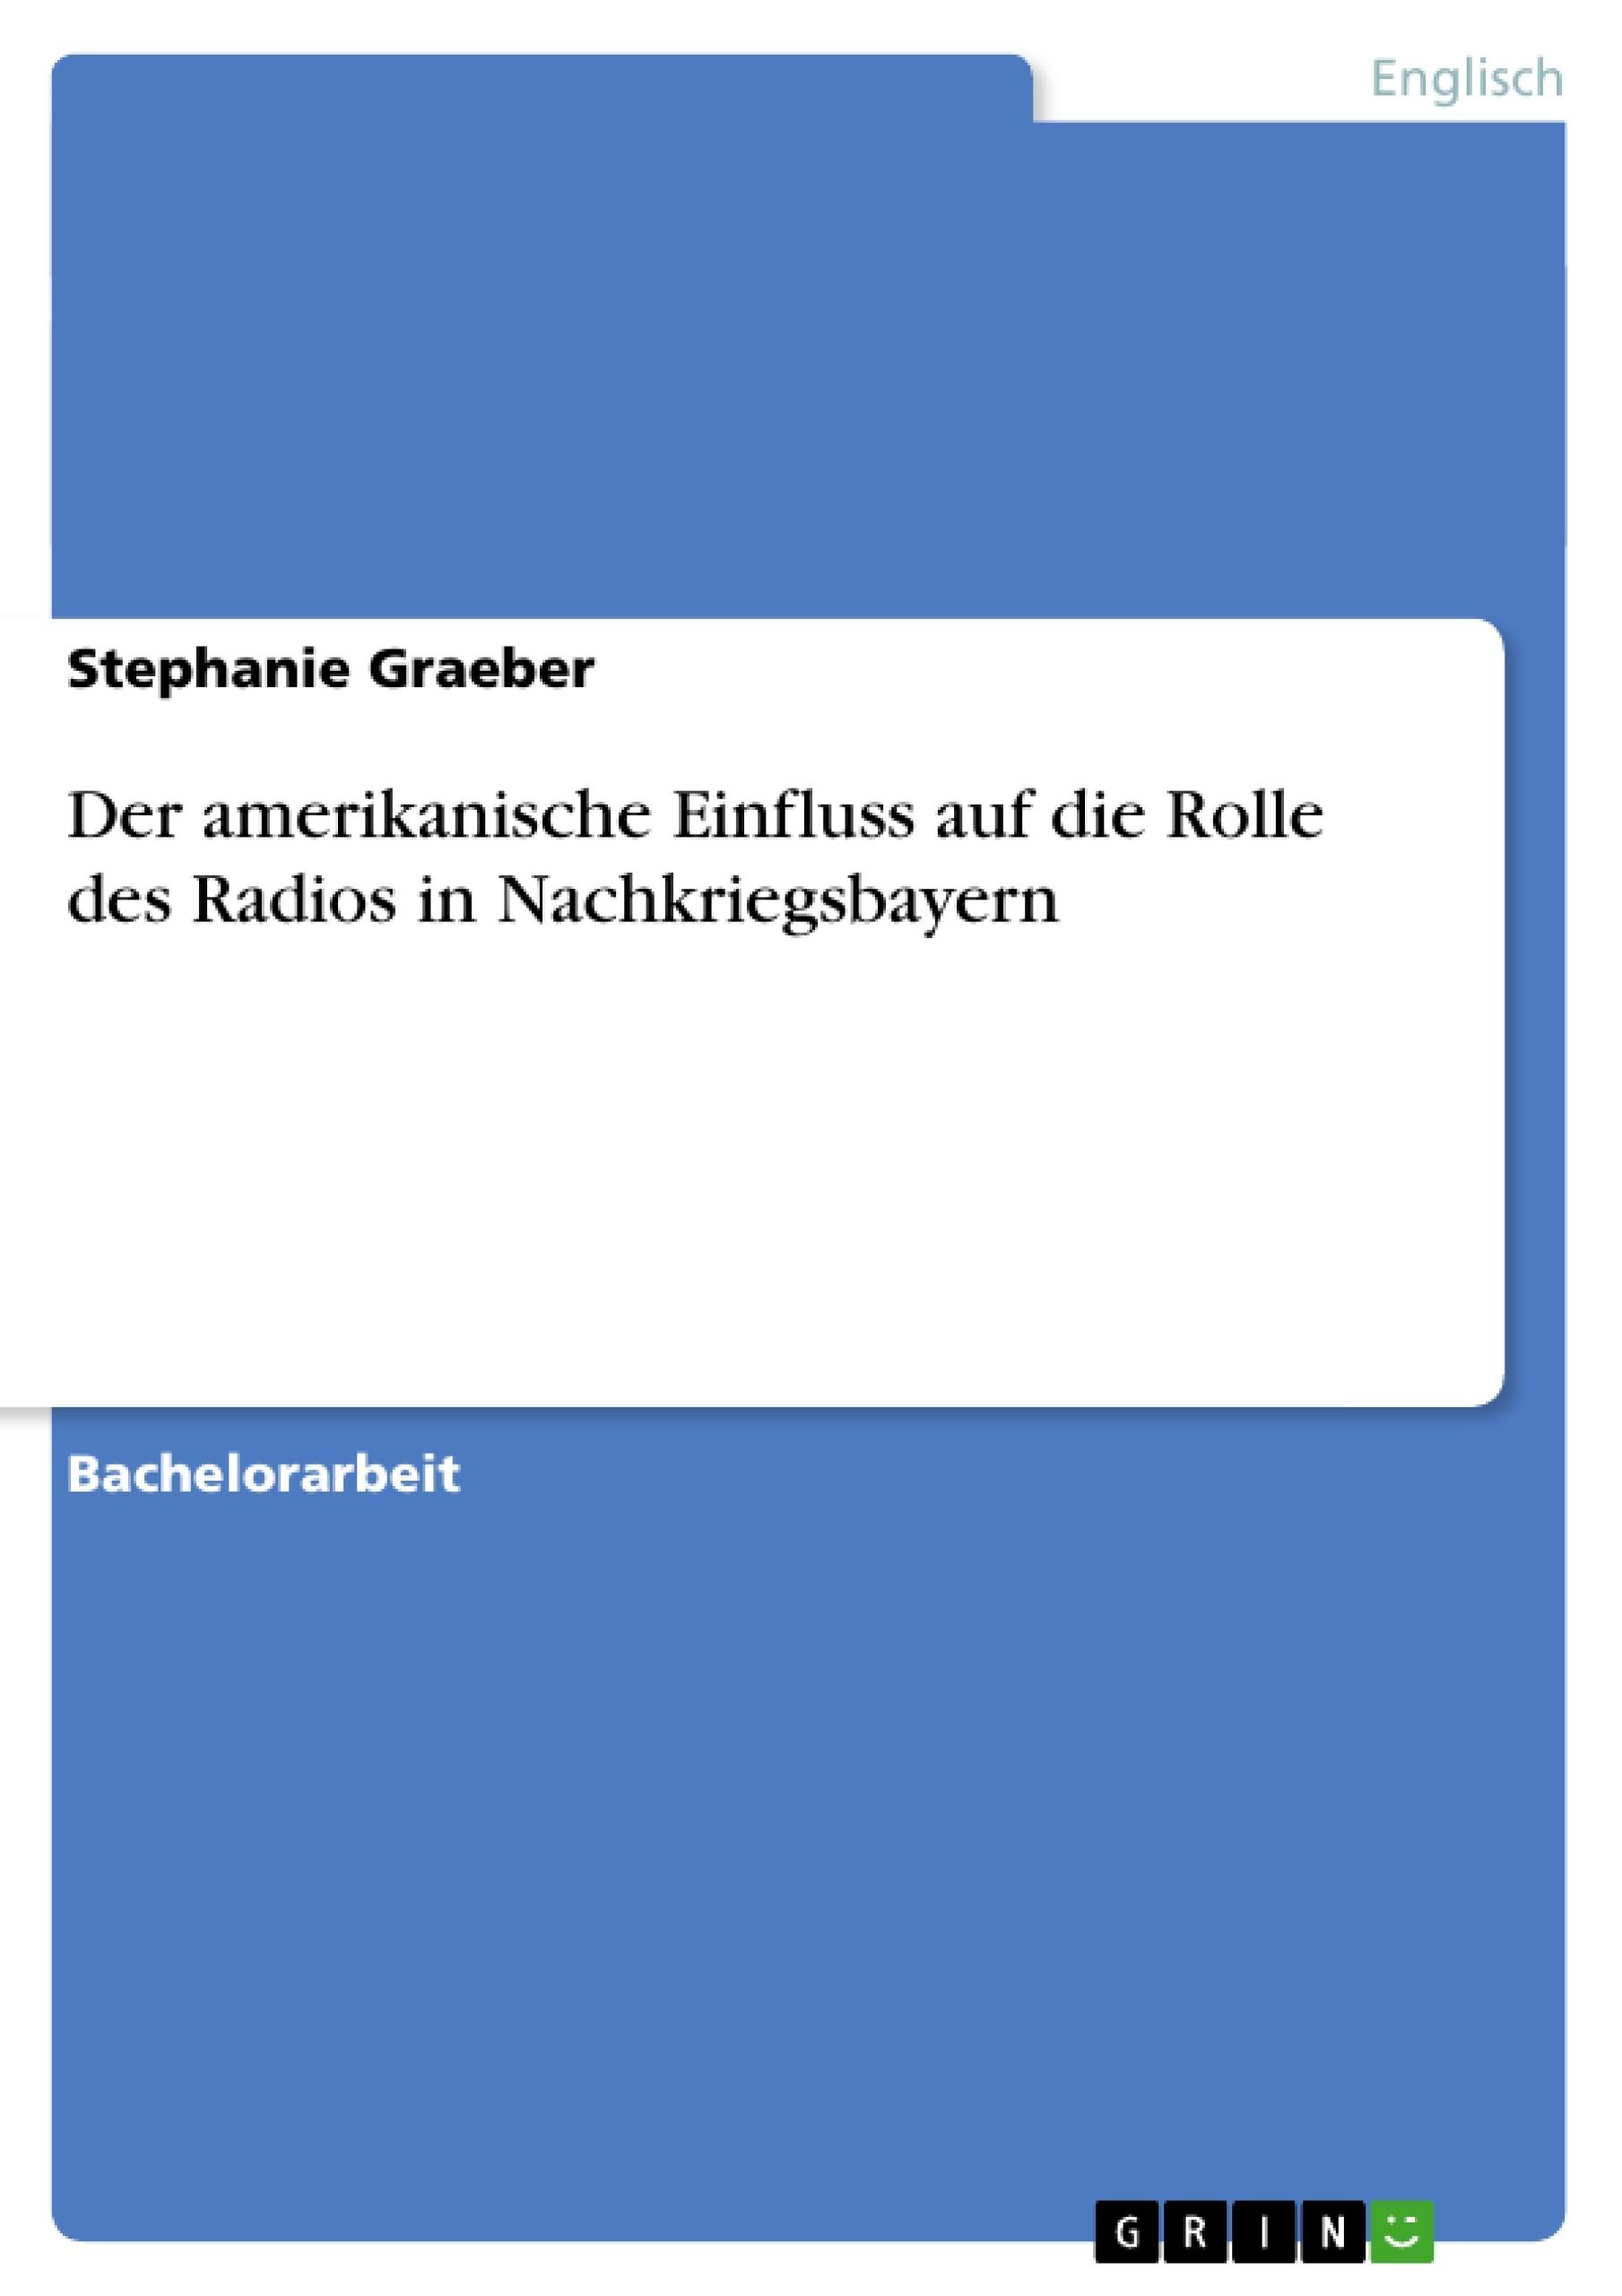 Titel: Der amerikanische Einfluss auf die Rolle des Radios in Nachkriegsbayern